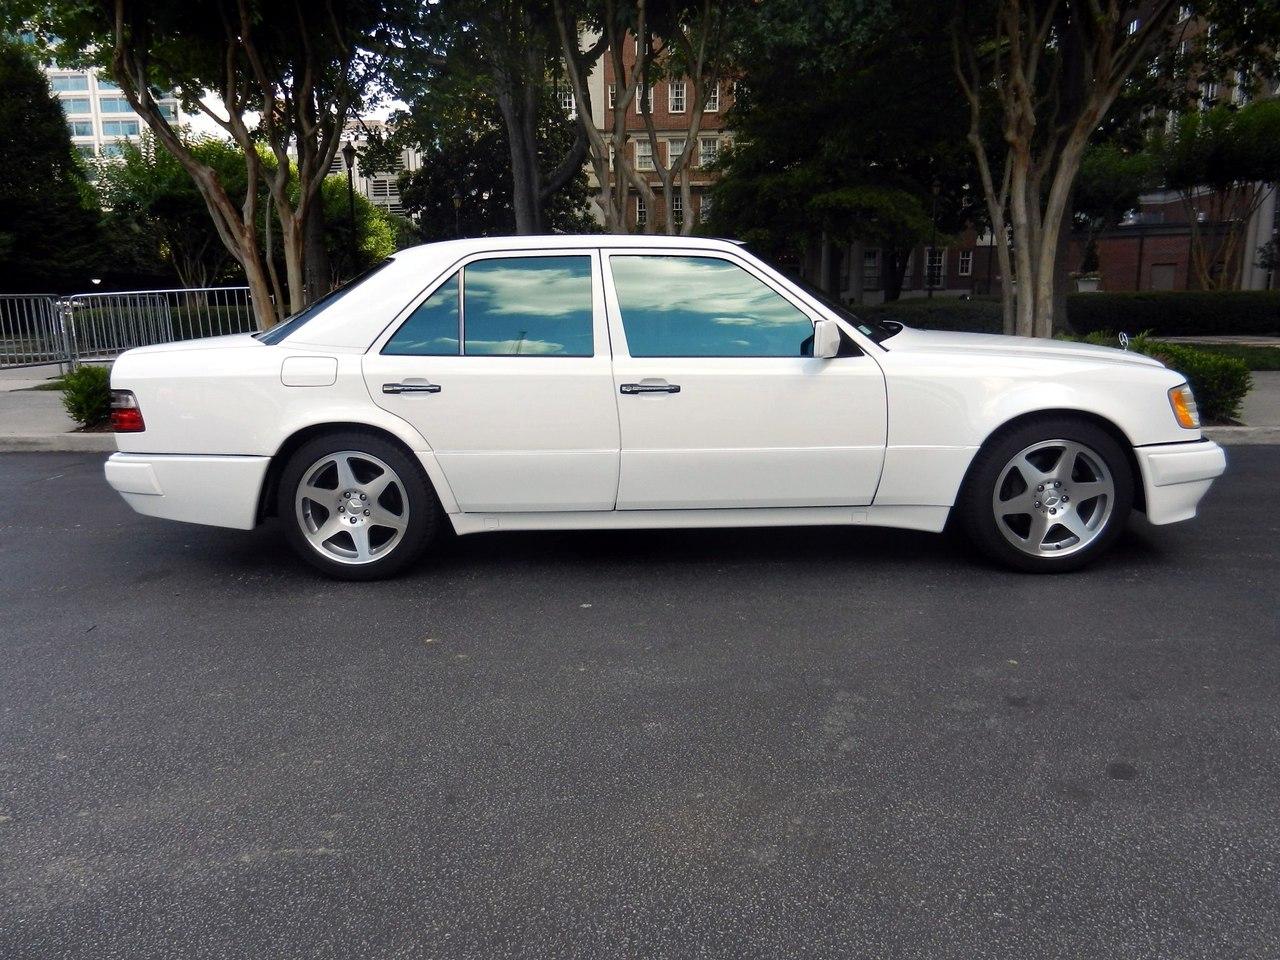 1994 Mercedes Benz E500 W124 White On Evo Wheels Benztuning